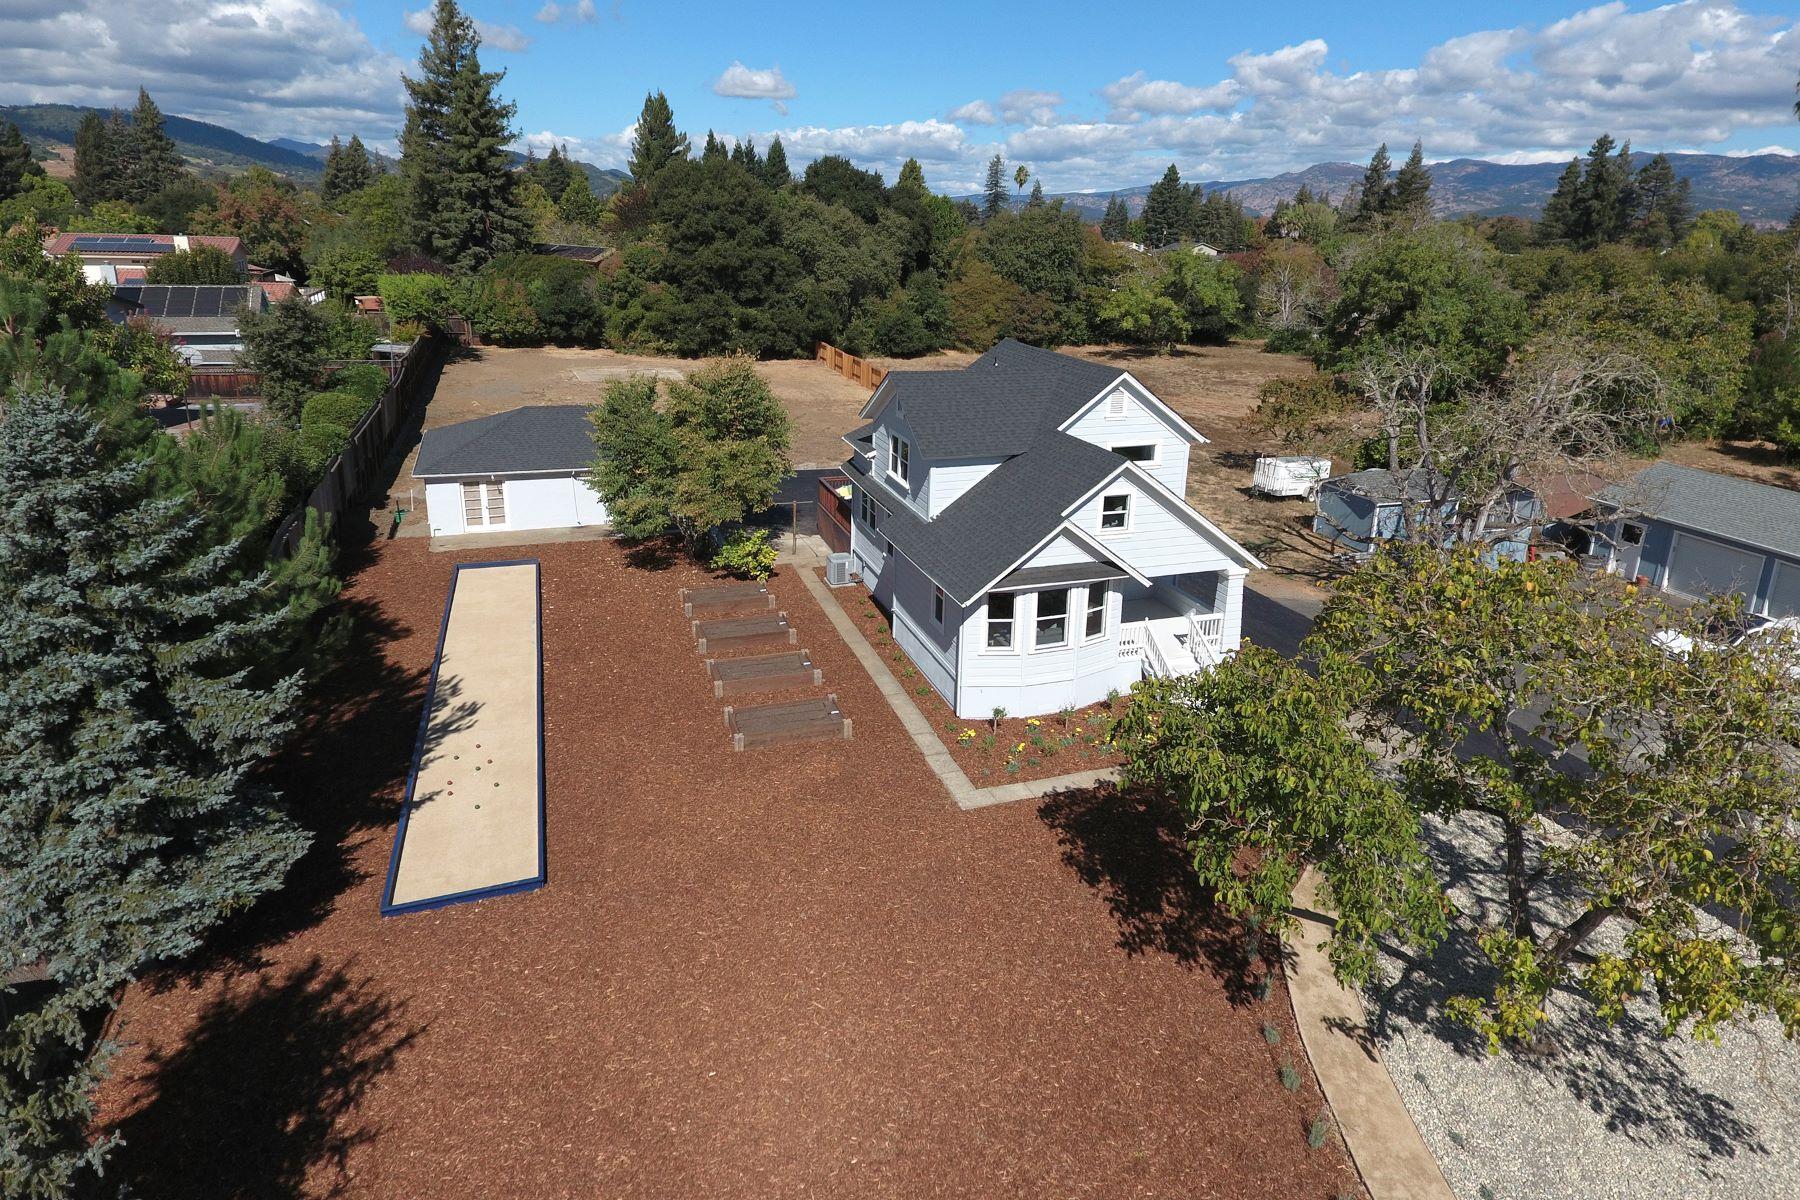 Moradia para Venda às A Savvy Country Retreat on an Exquisite Lot 2588 Redwood Rd Napa, Califórnia, 94558 Estados Unidos